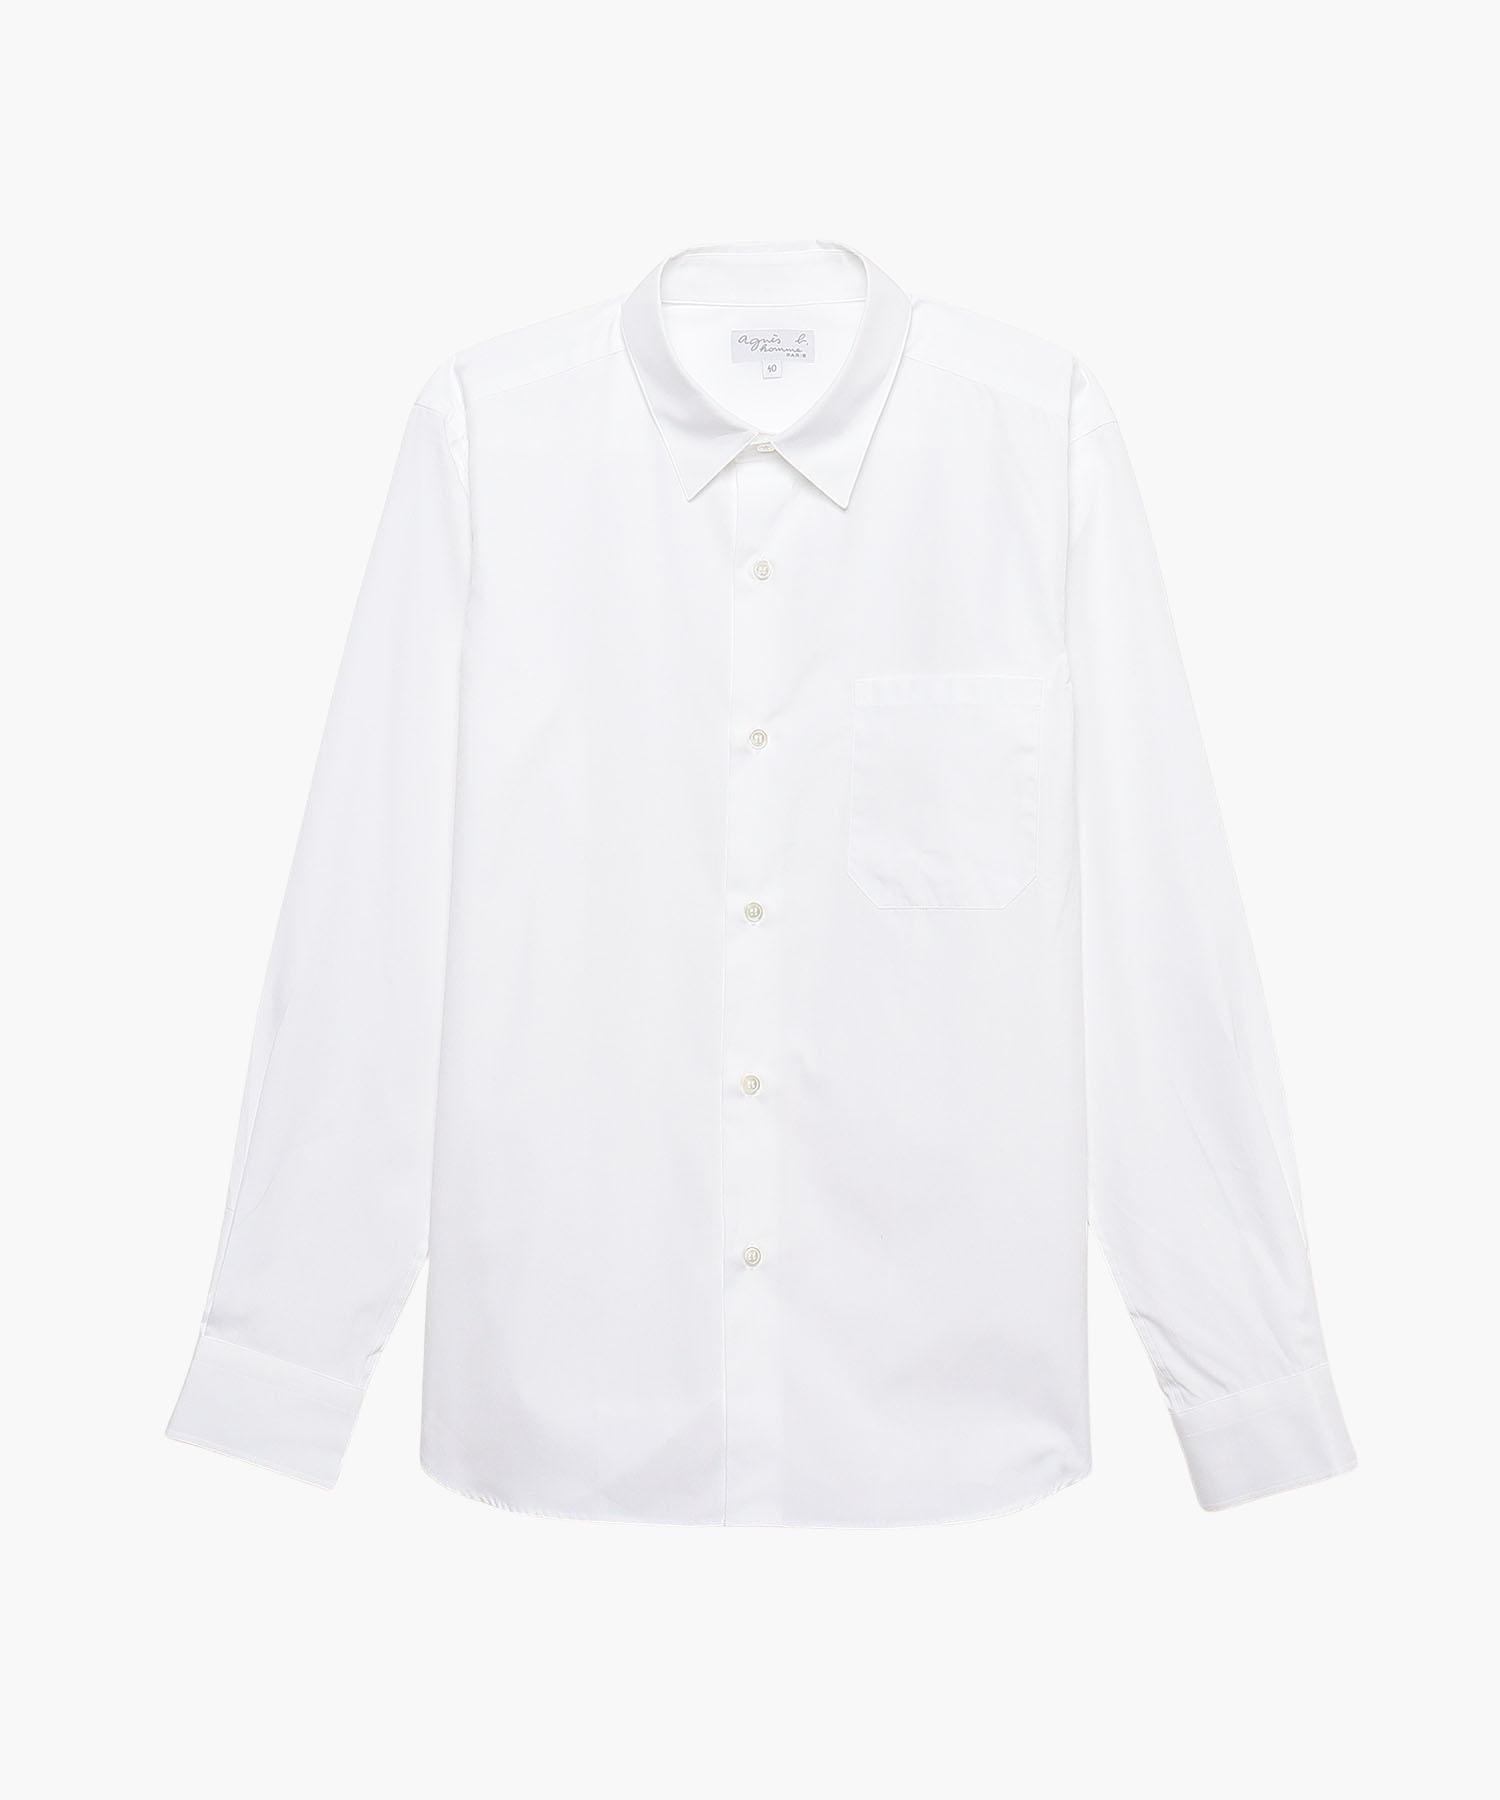 U892 CHEMISE コットンシャツ